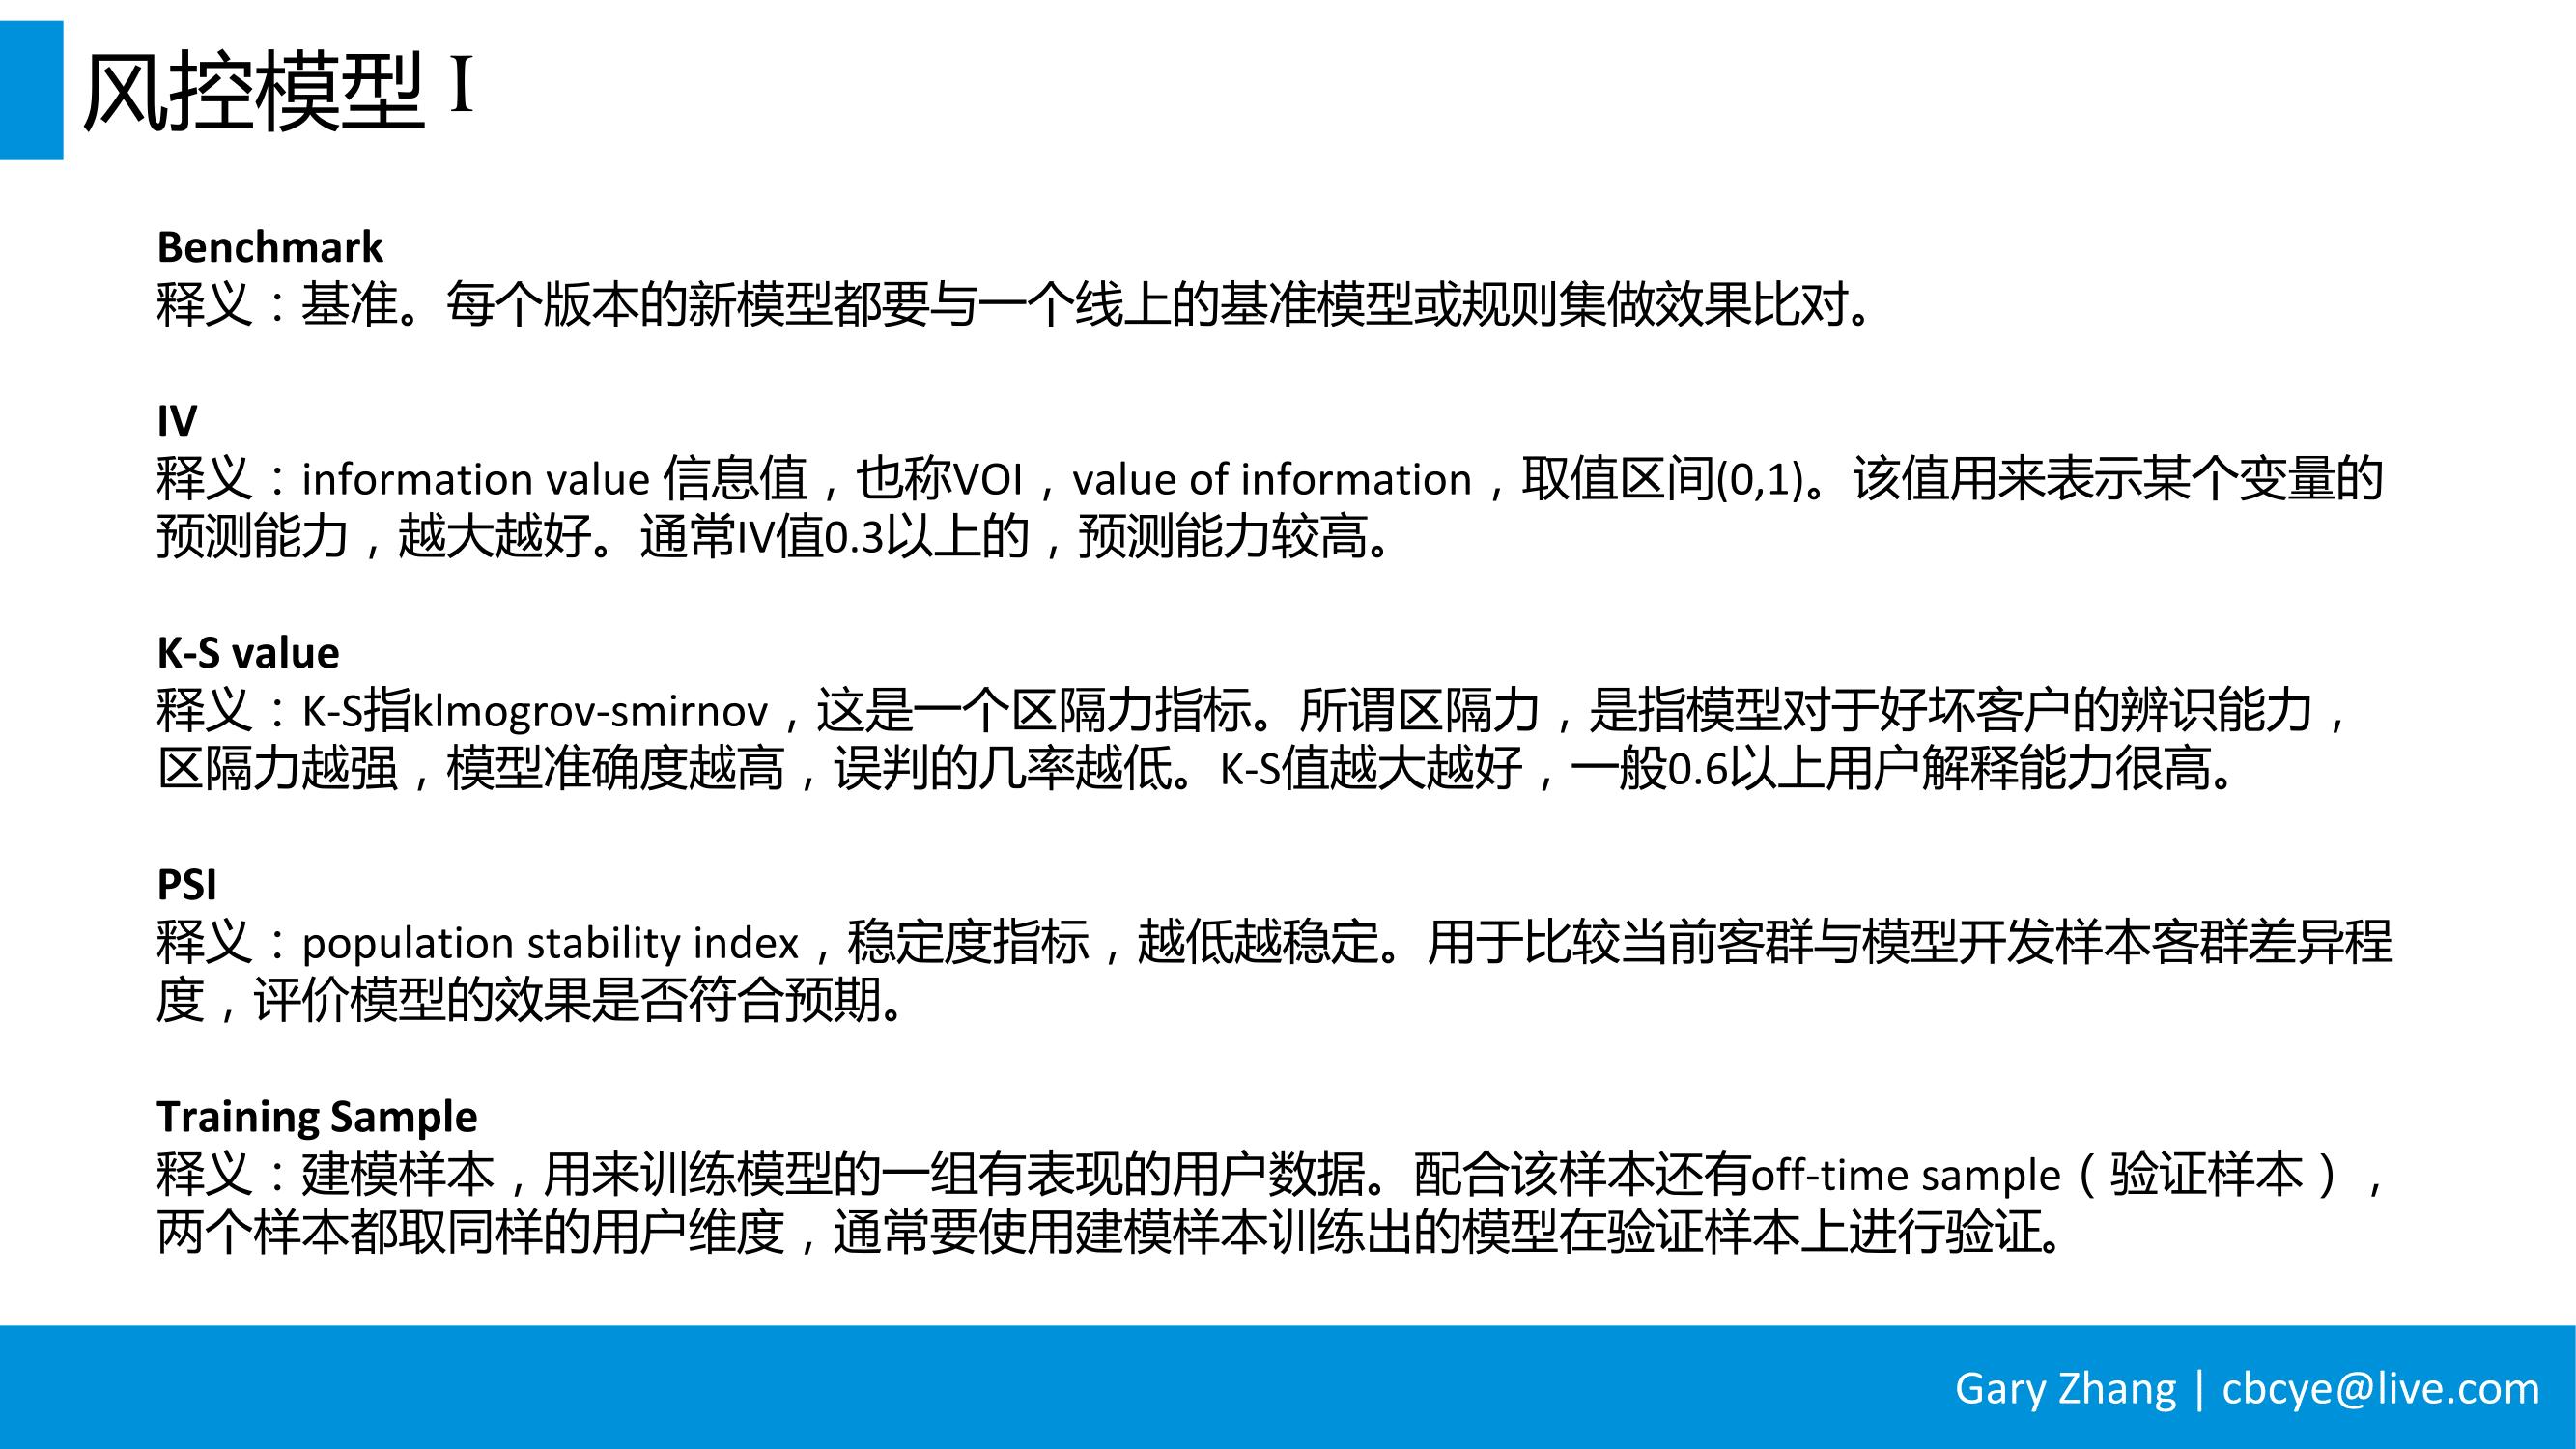 消费金融业务全流程指南_v1.0-091